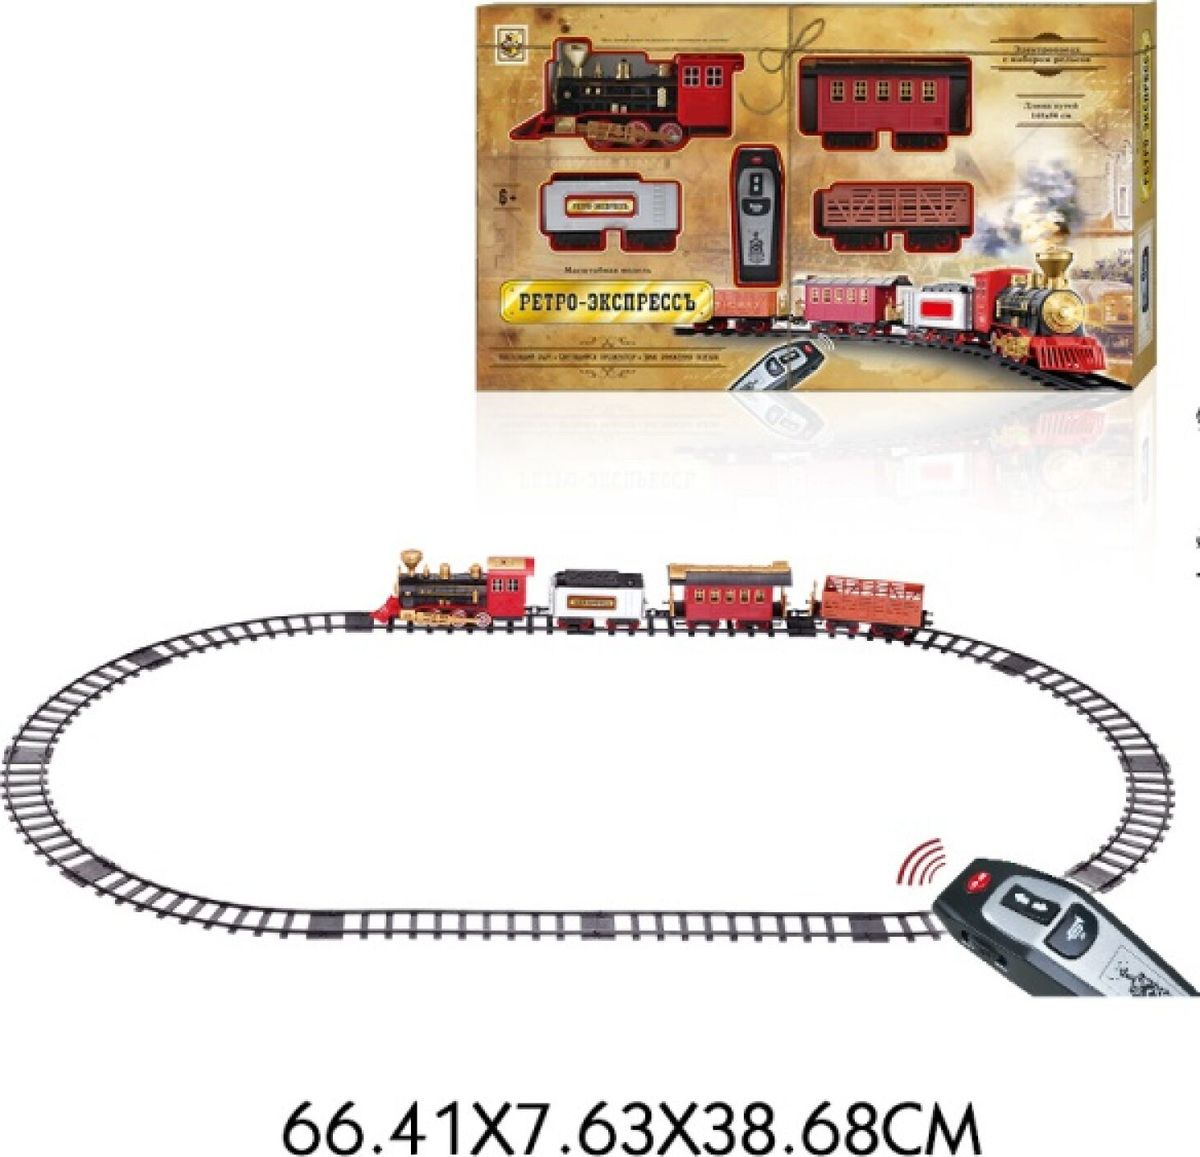 Железная дорога 1TOY Ретро Экспресс Паровоз и 3 вагона, Т10577 железная дорога голубая стрела дорога детства 150 см паровоз 2 вагона 87305